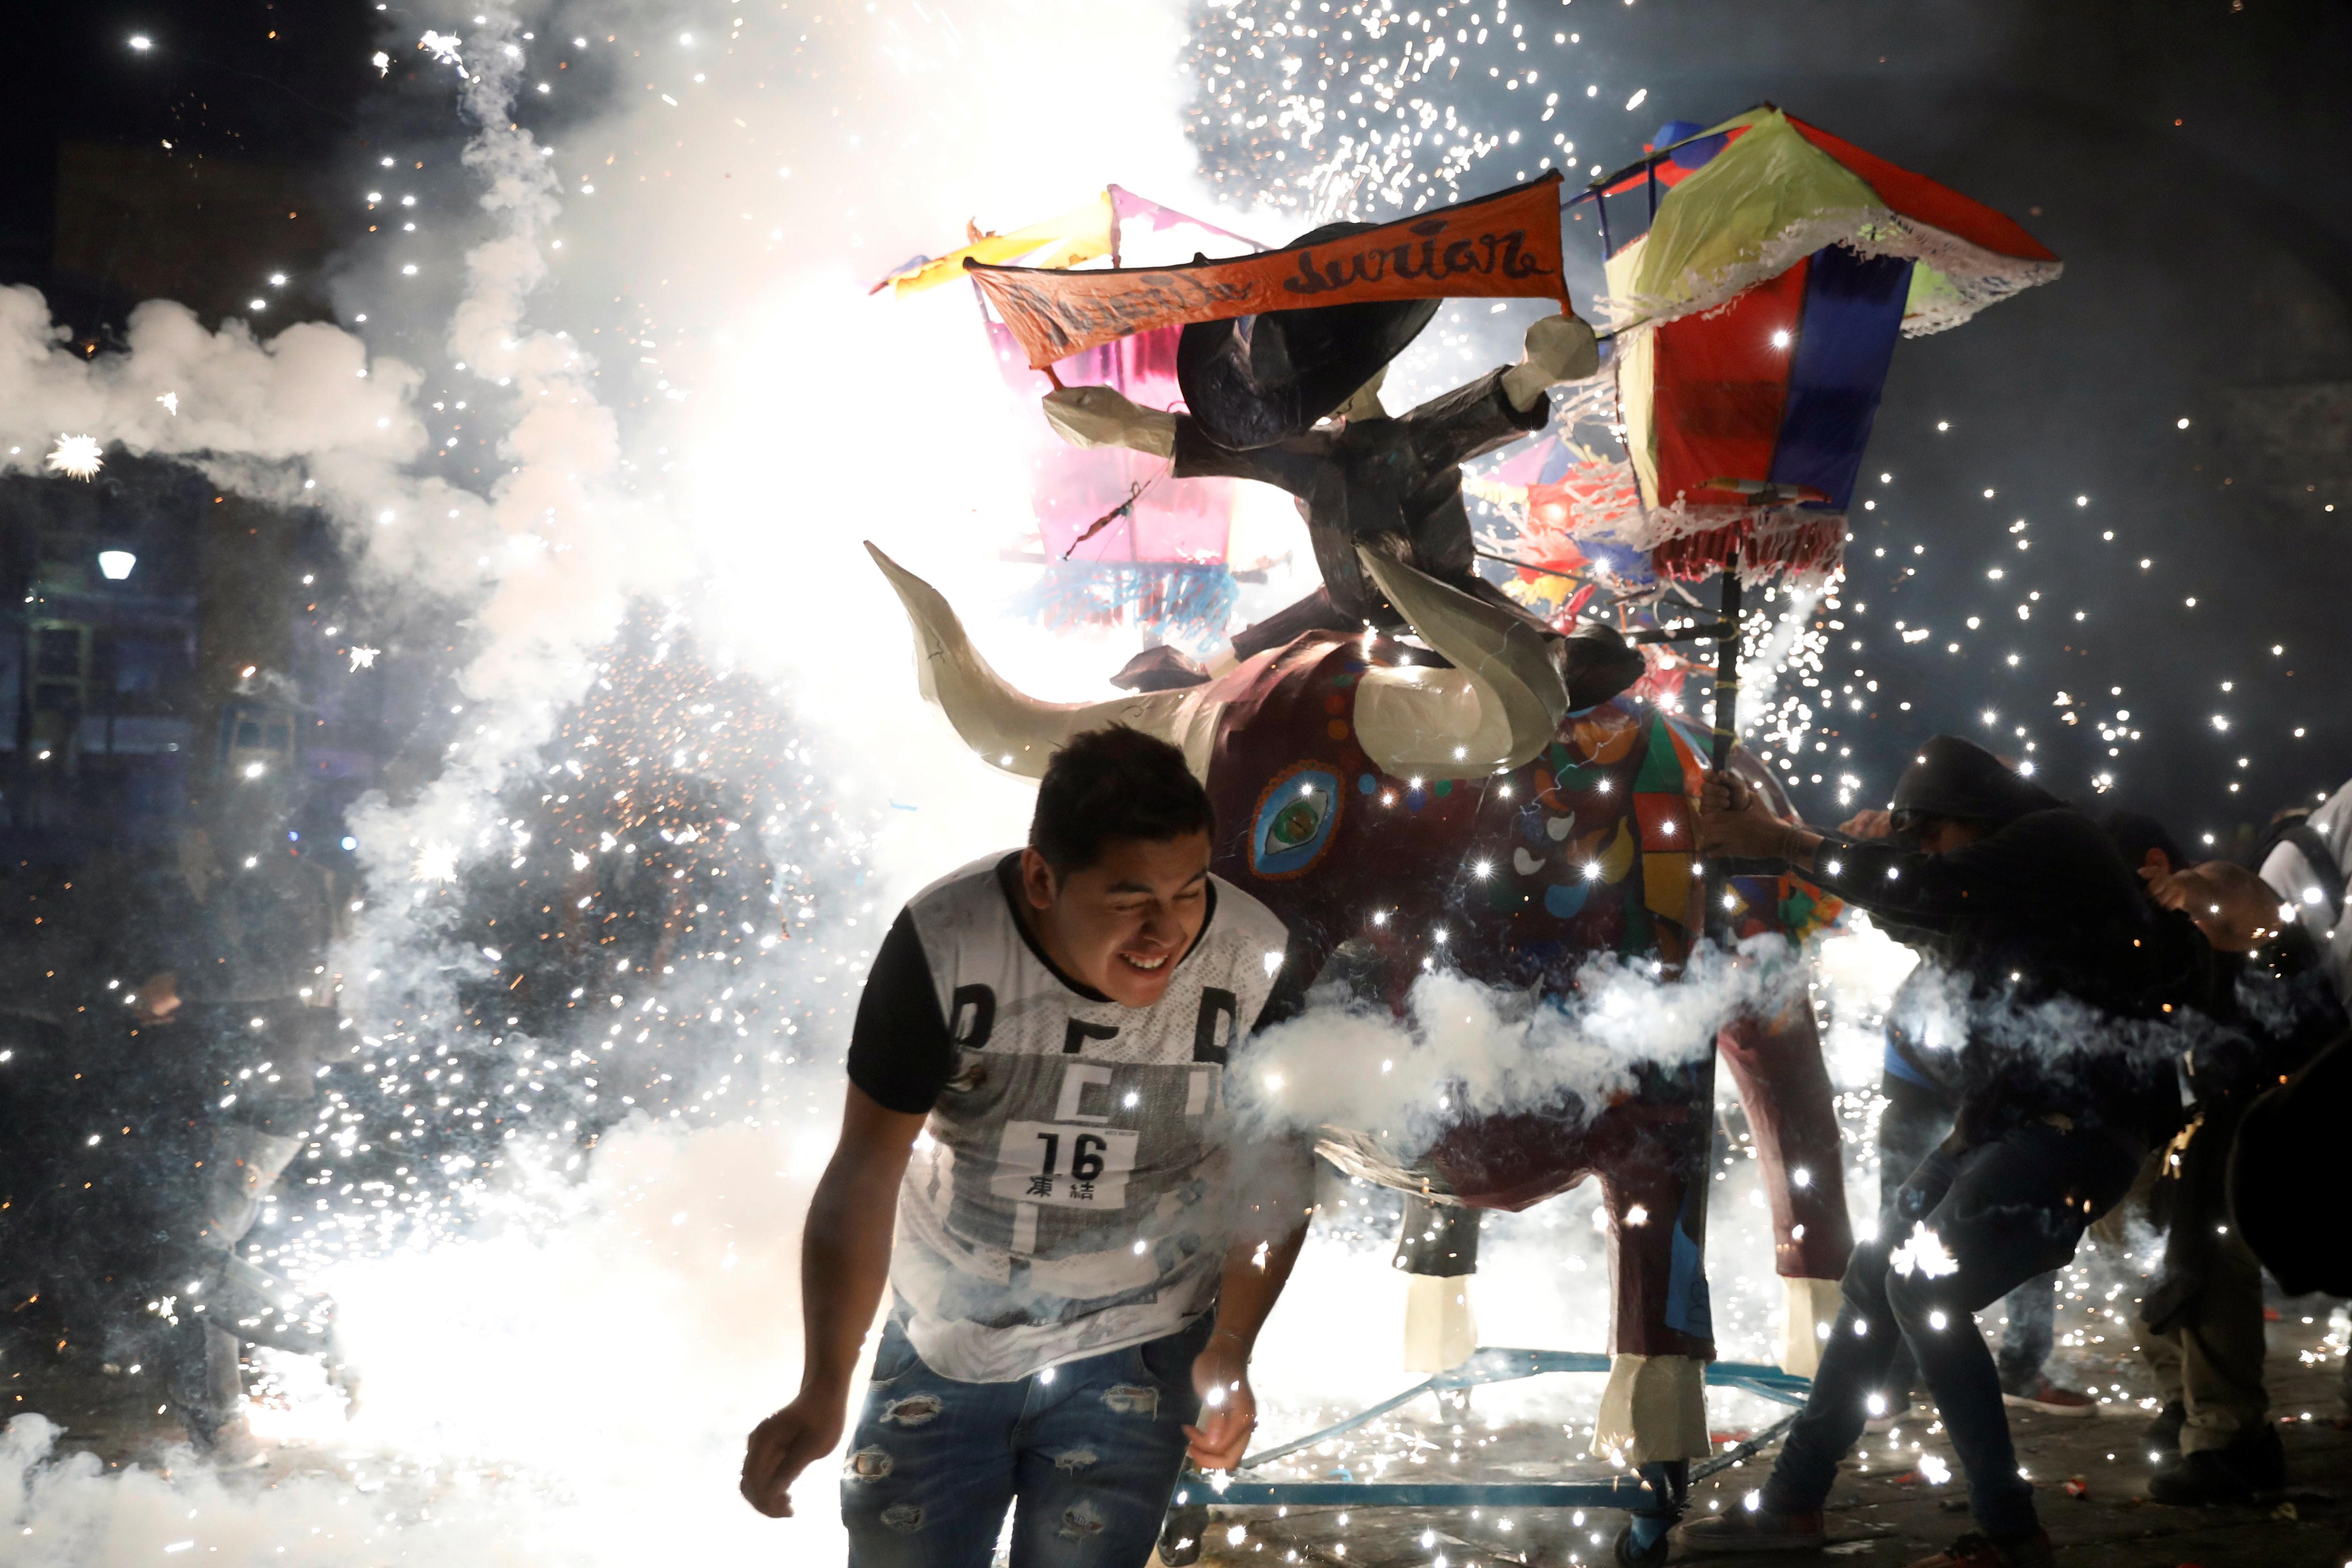 Tultepec y su explosiva industria de 300 millones de pesos